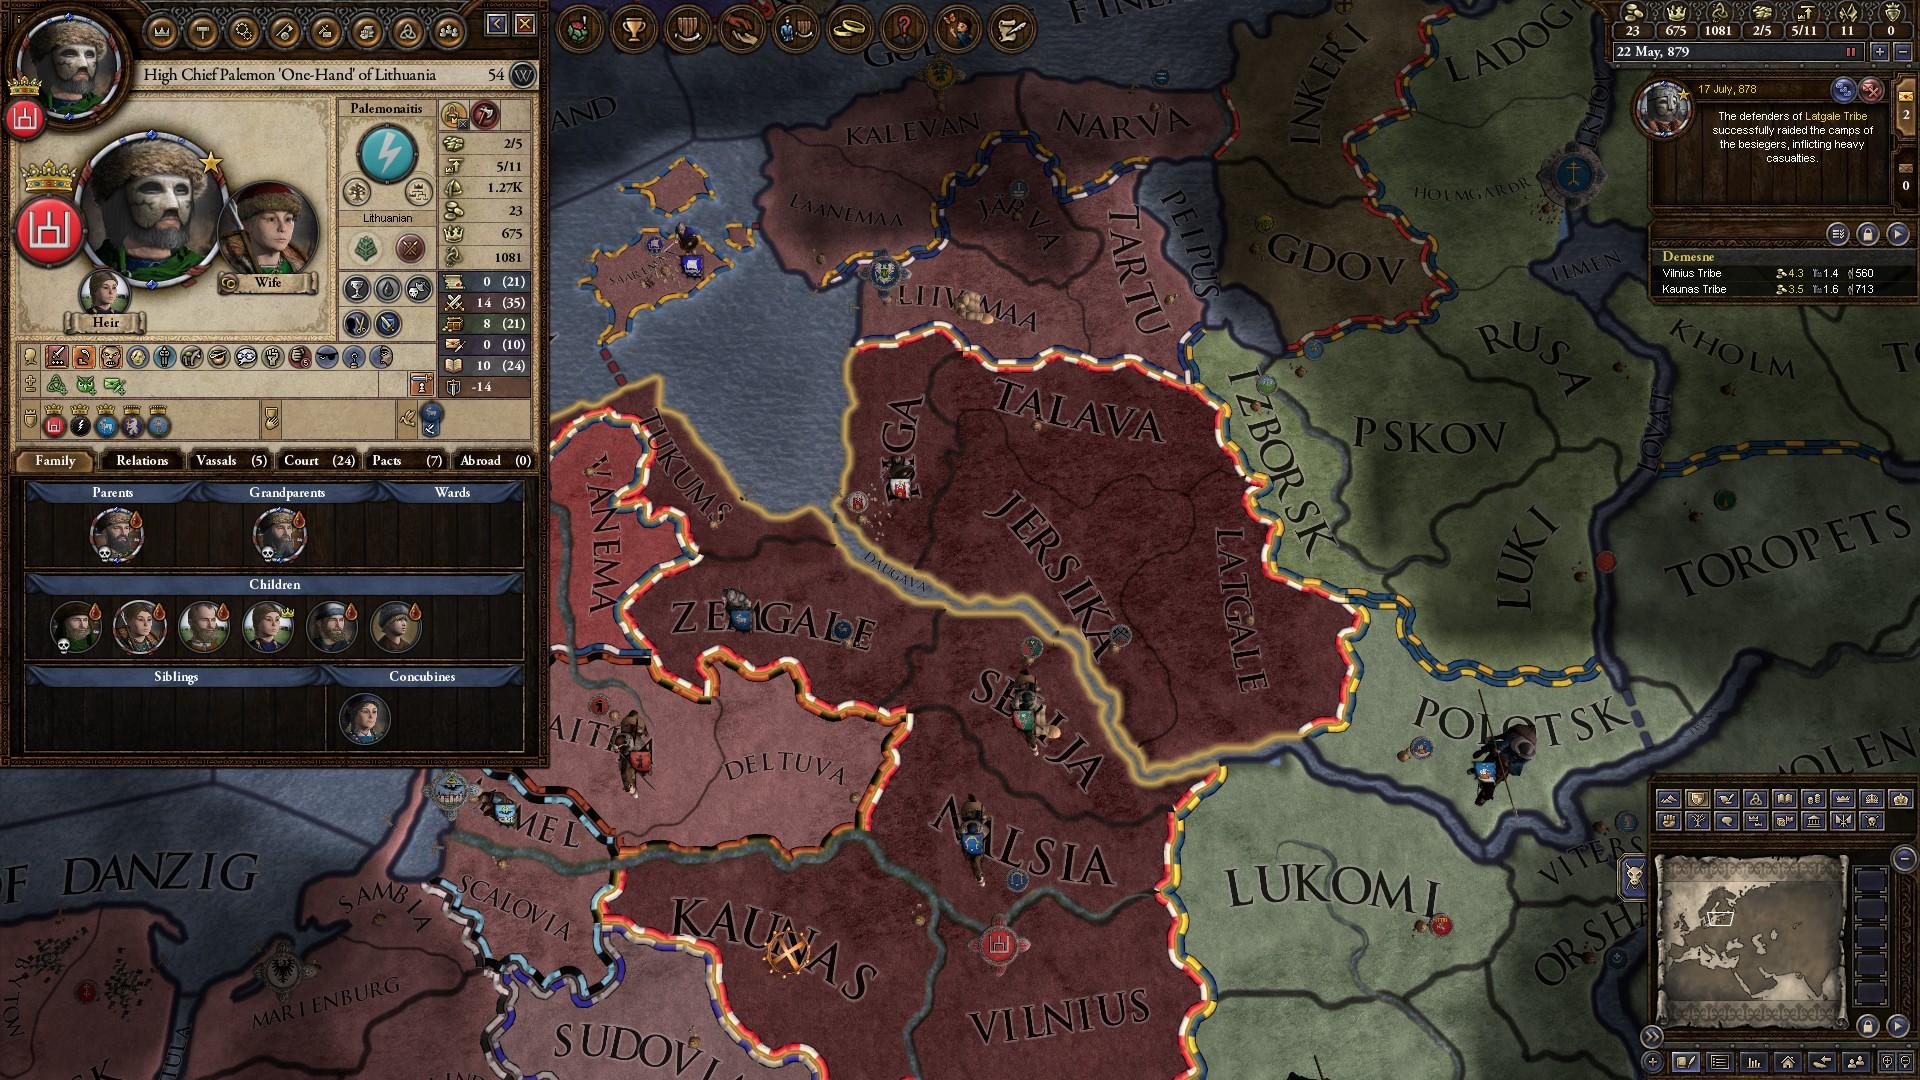 Comunidade Steam :: Crusader Kings II